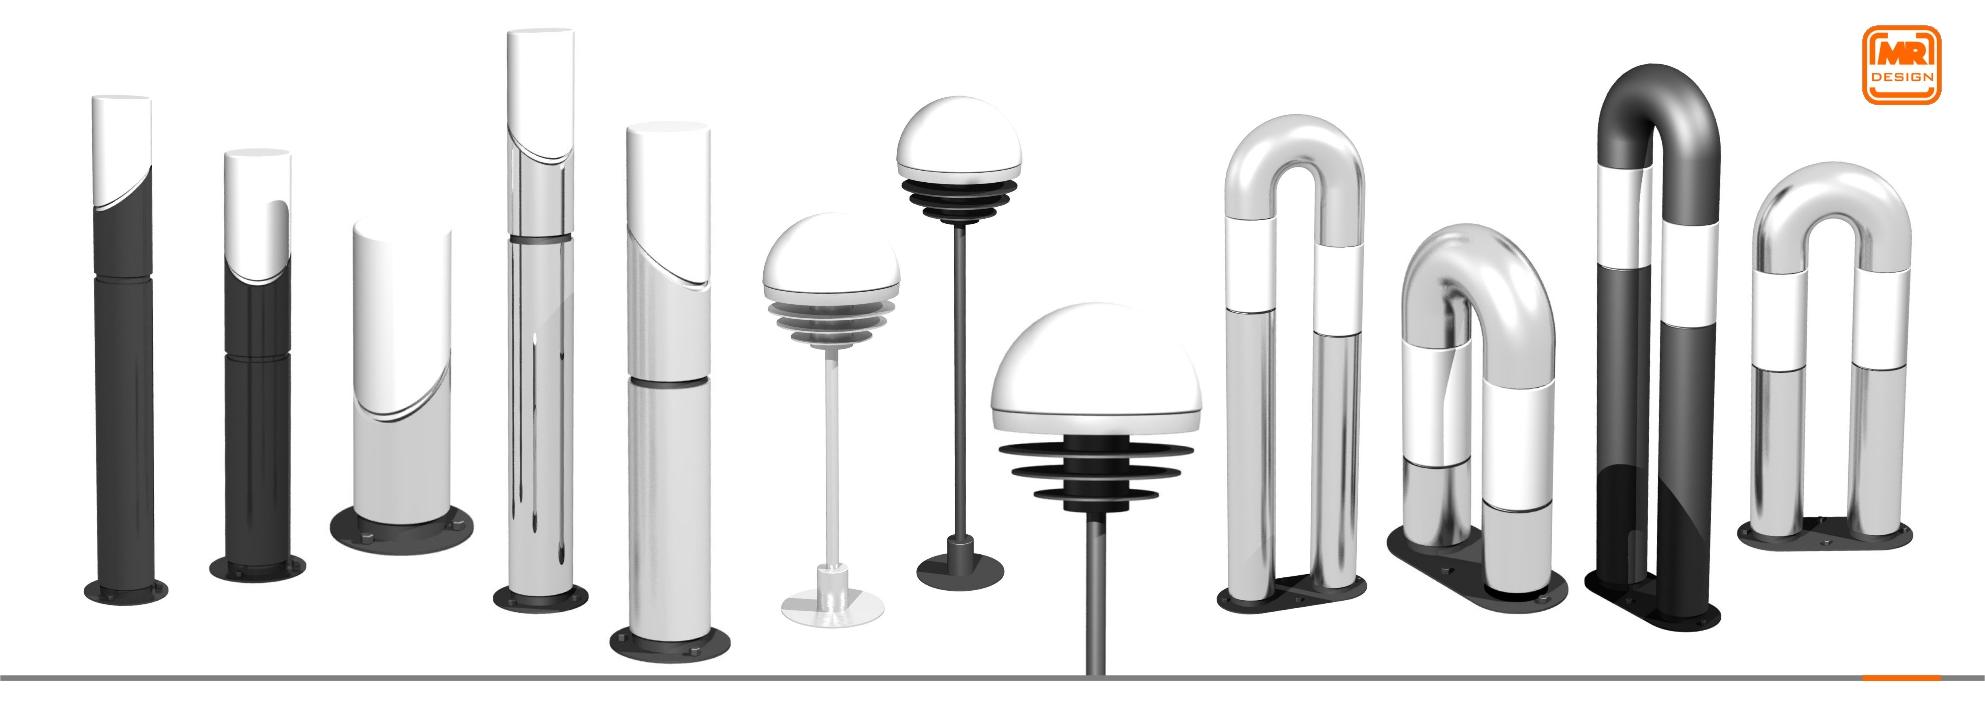 design wzornictwo przemysłowe projekt portfolio